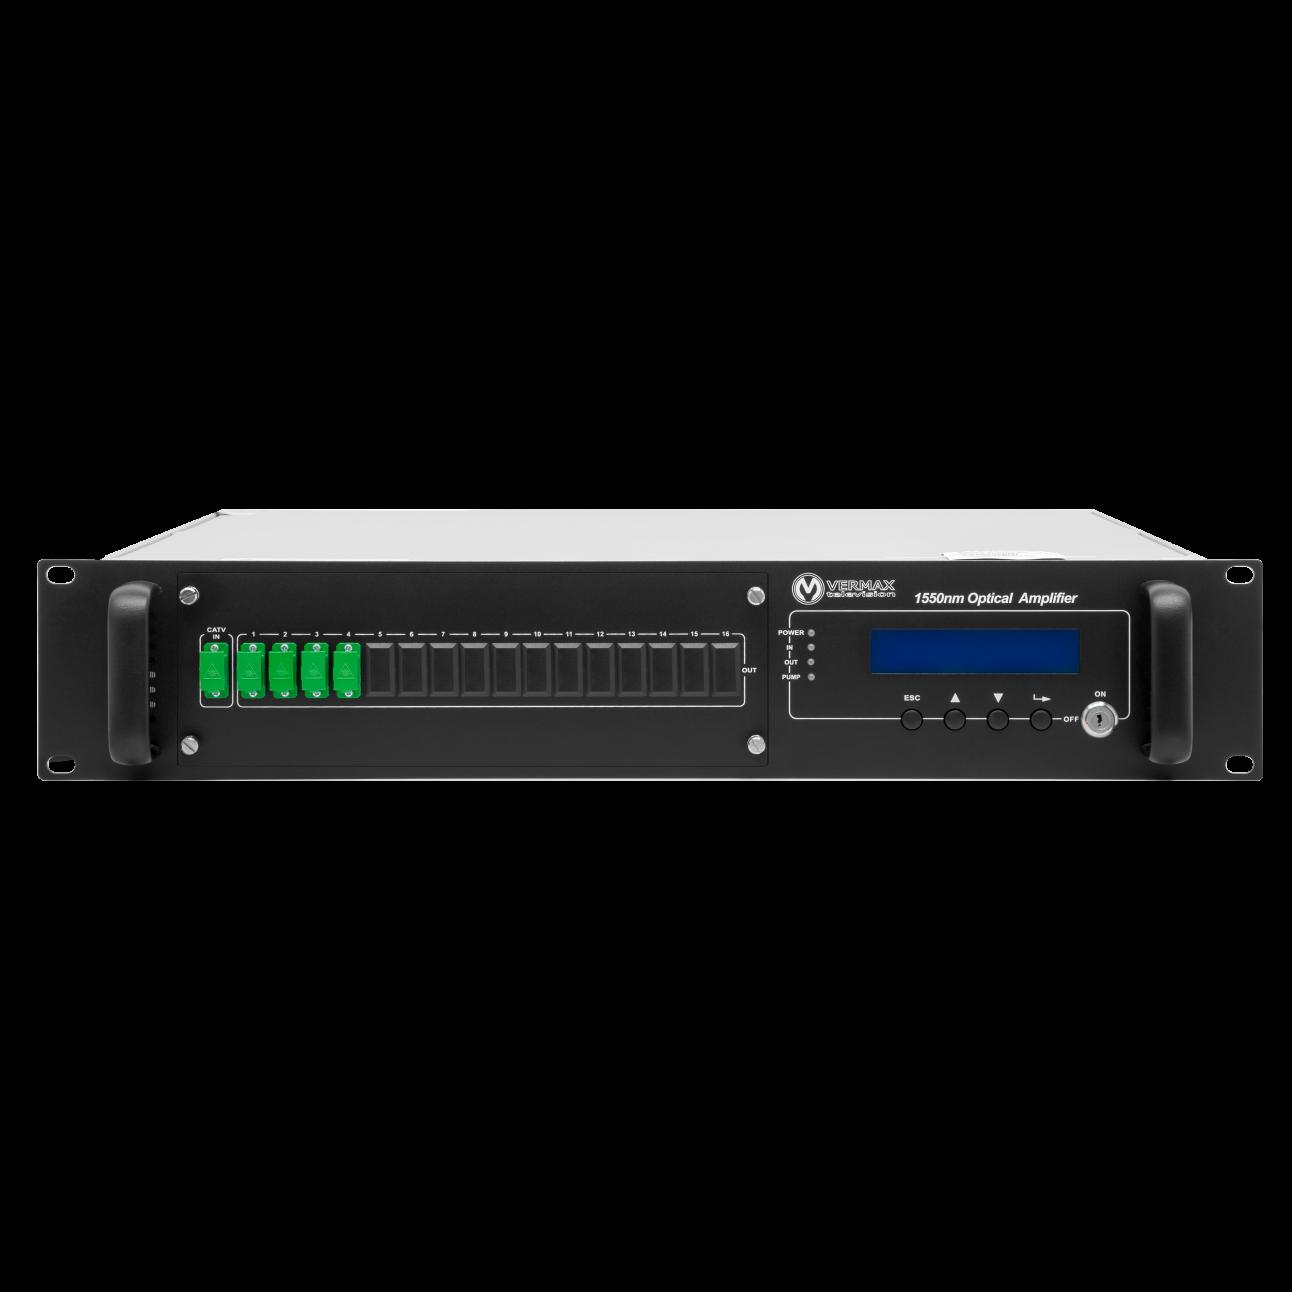 Оптический усилитель Vermax для сетей КТВ, 4*21dBm